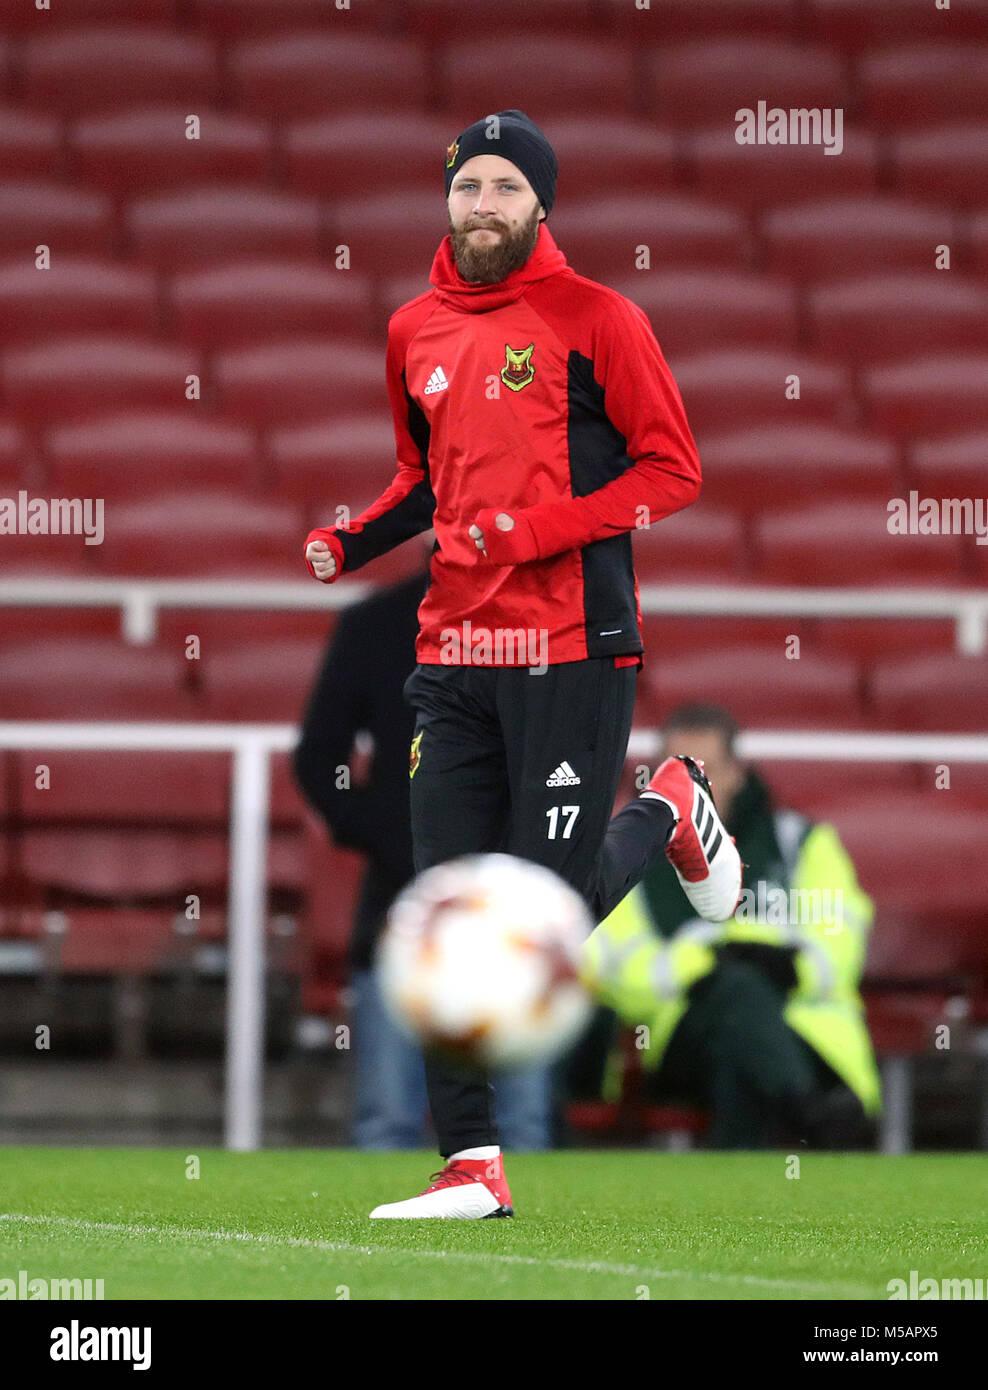 Ostersunds FK's Curtis Edwards au cours de la session de formation à l'Emirates Stadium, Londres. Banque D'Images